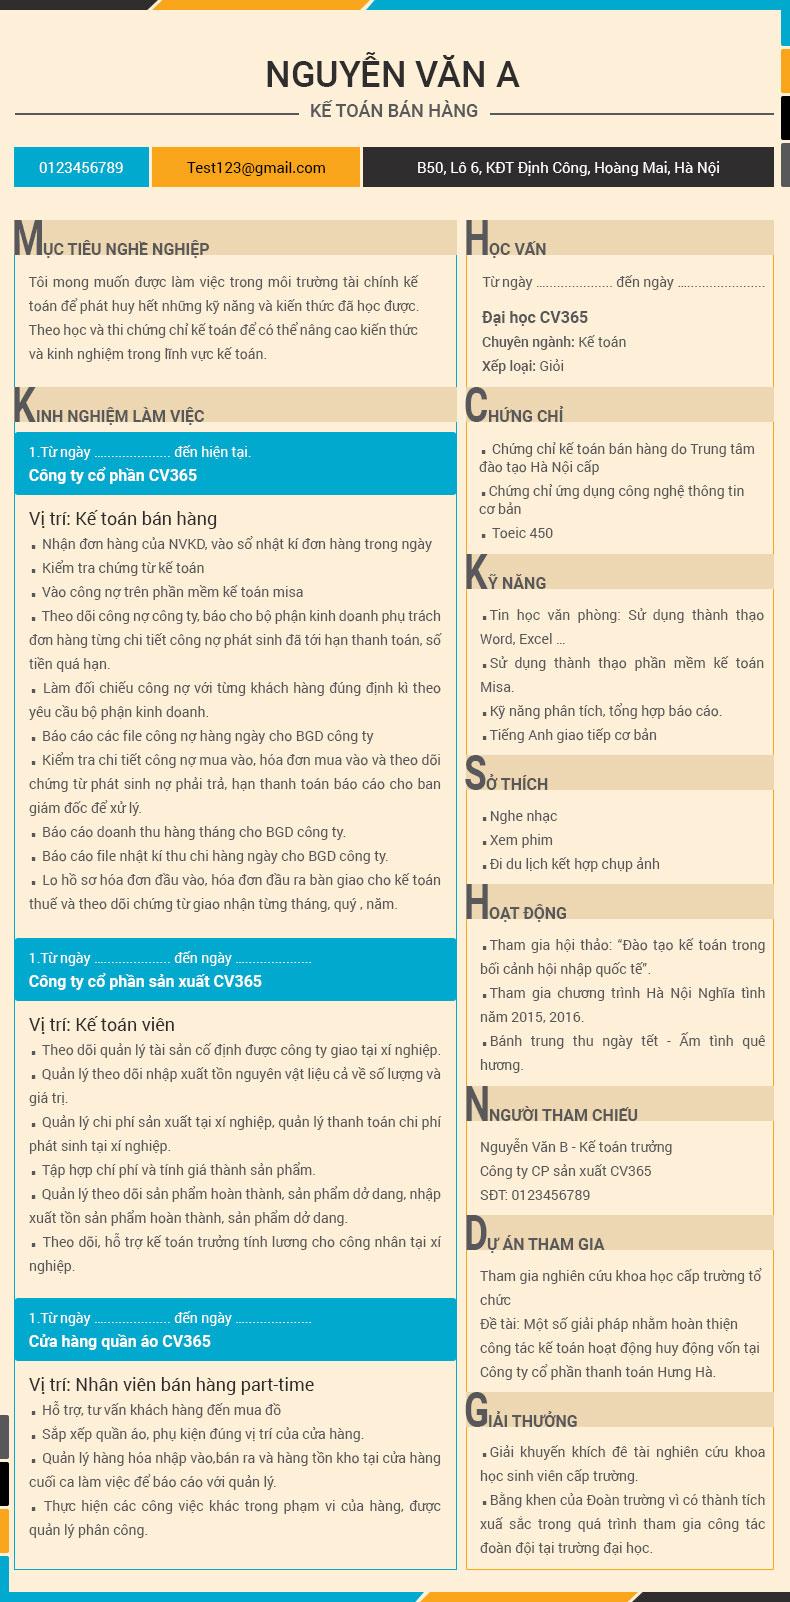 Cách viết cv xin việc ấn tượng bằng việc liệt kê những tính cách tốt của ứng viên